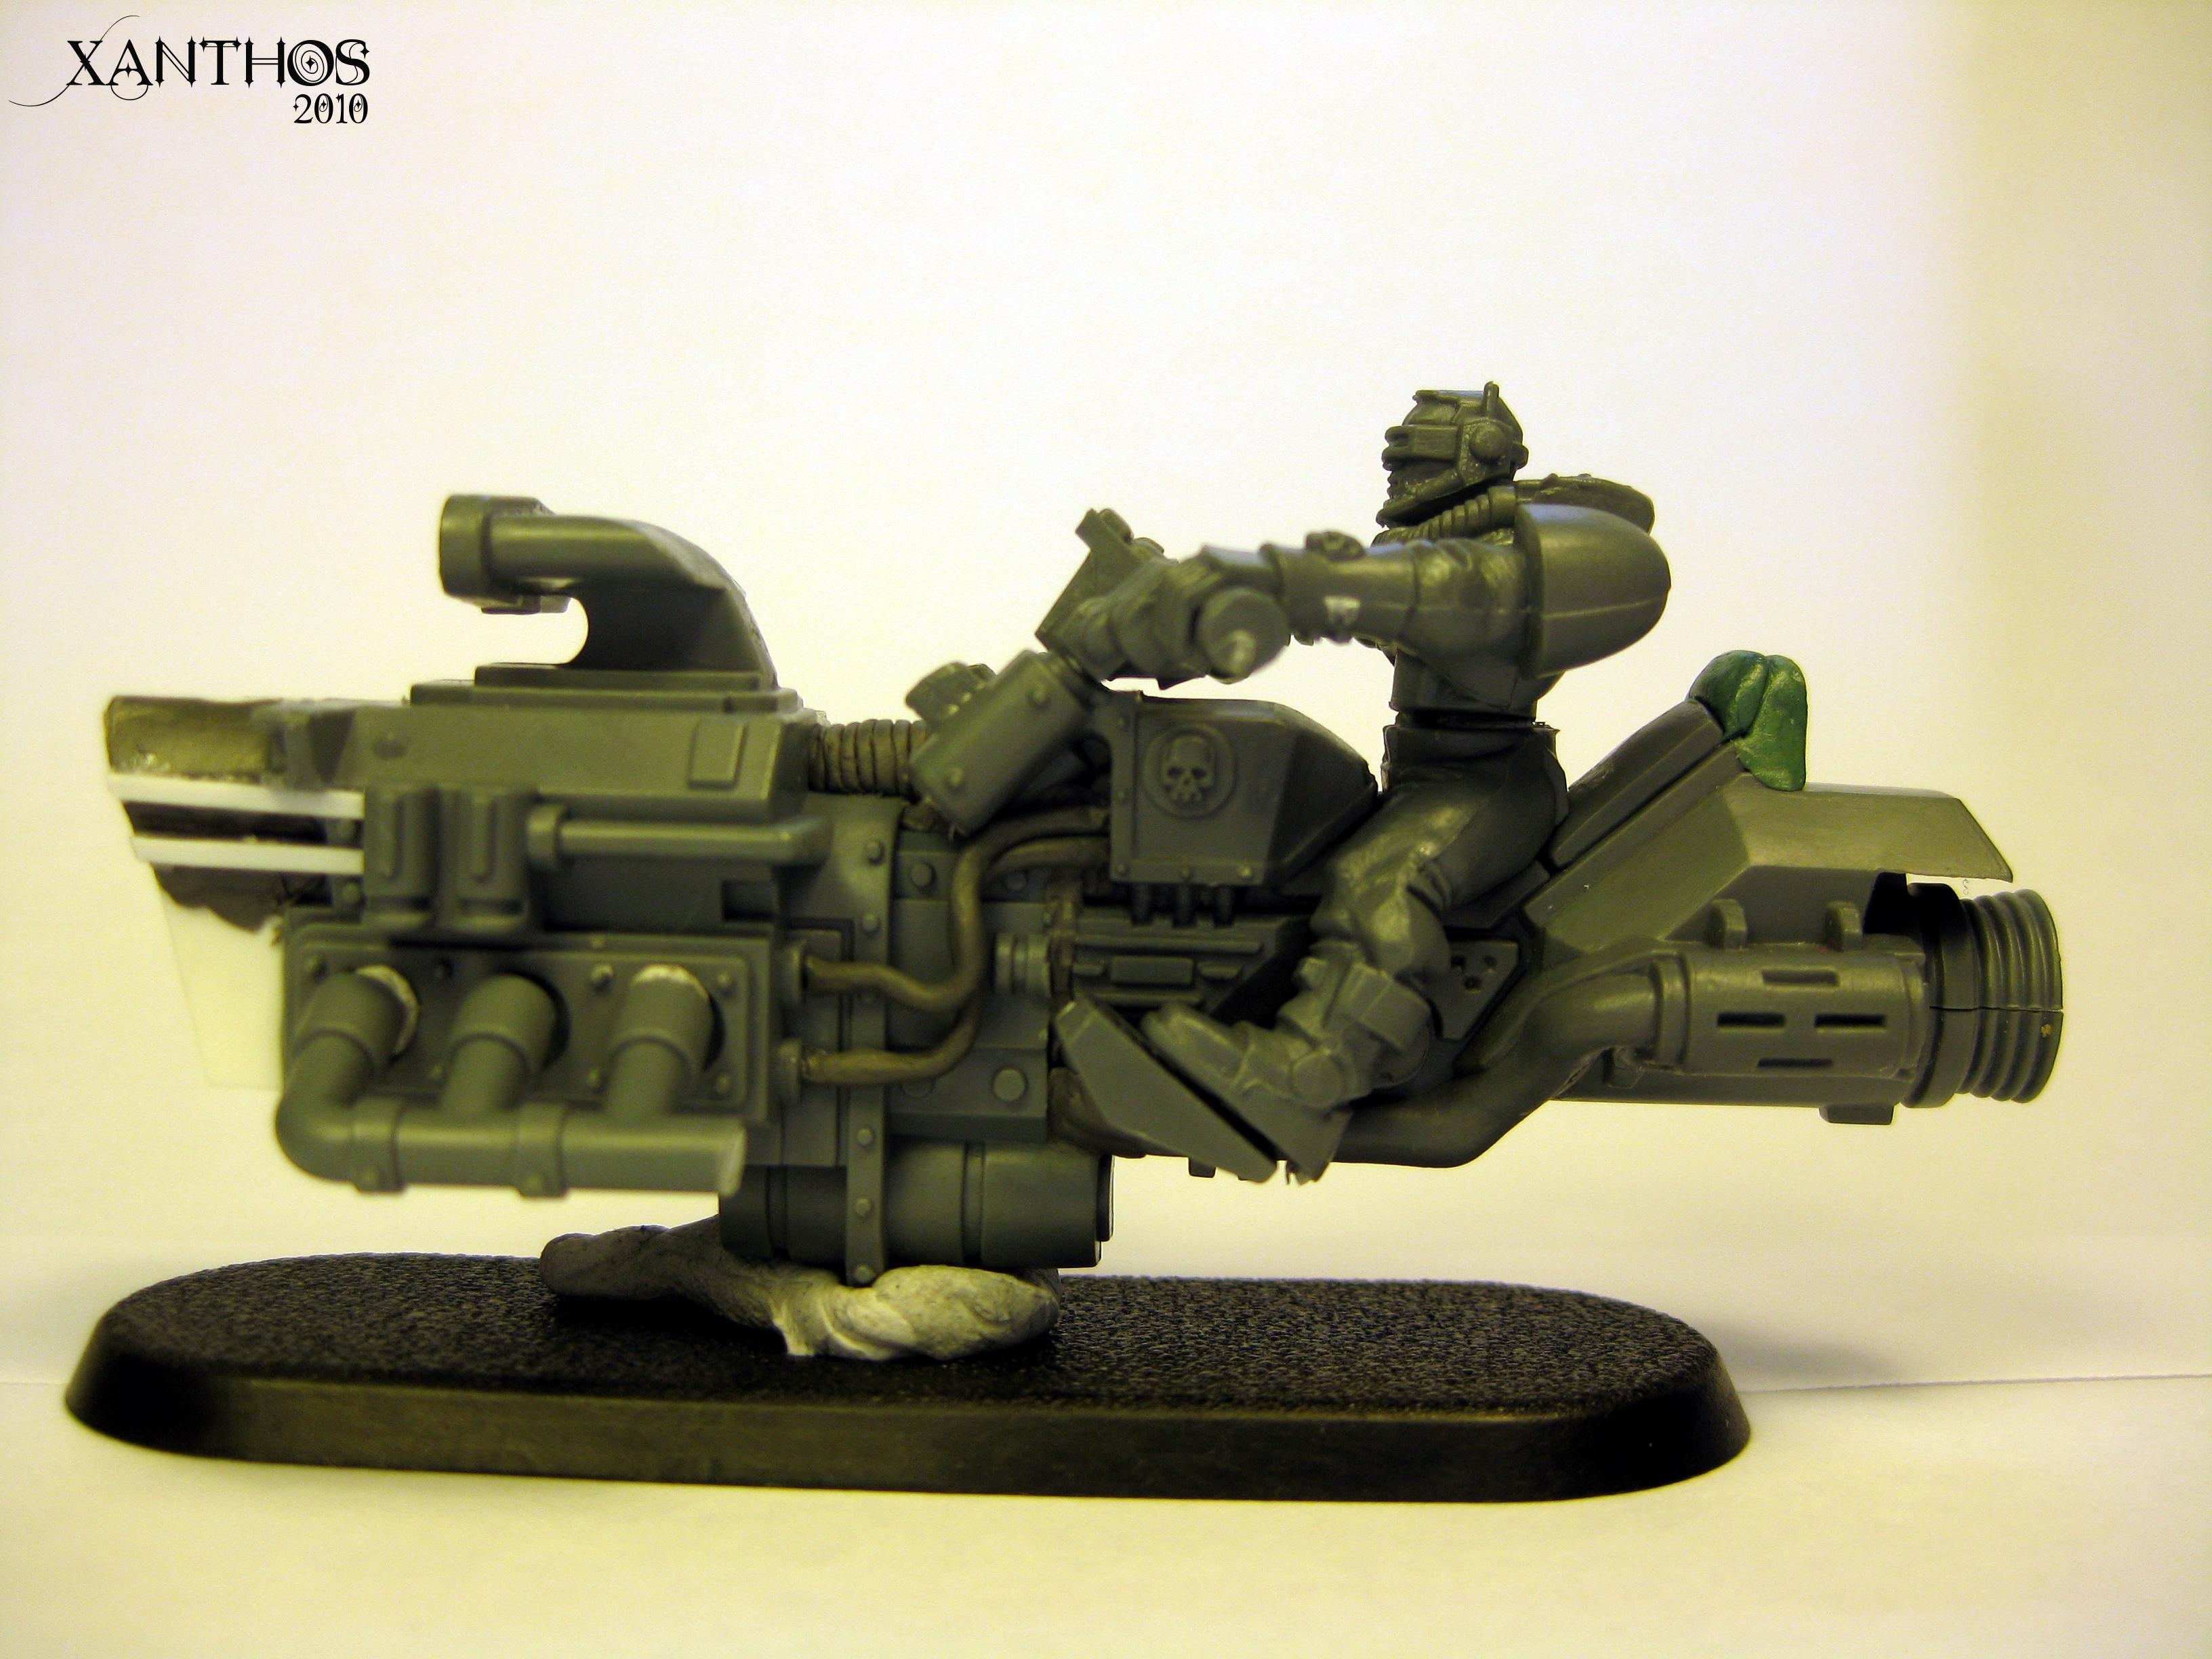 Imperial, Jetbike, Scratch Build, Warhammer 40,000, Work In Progress